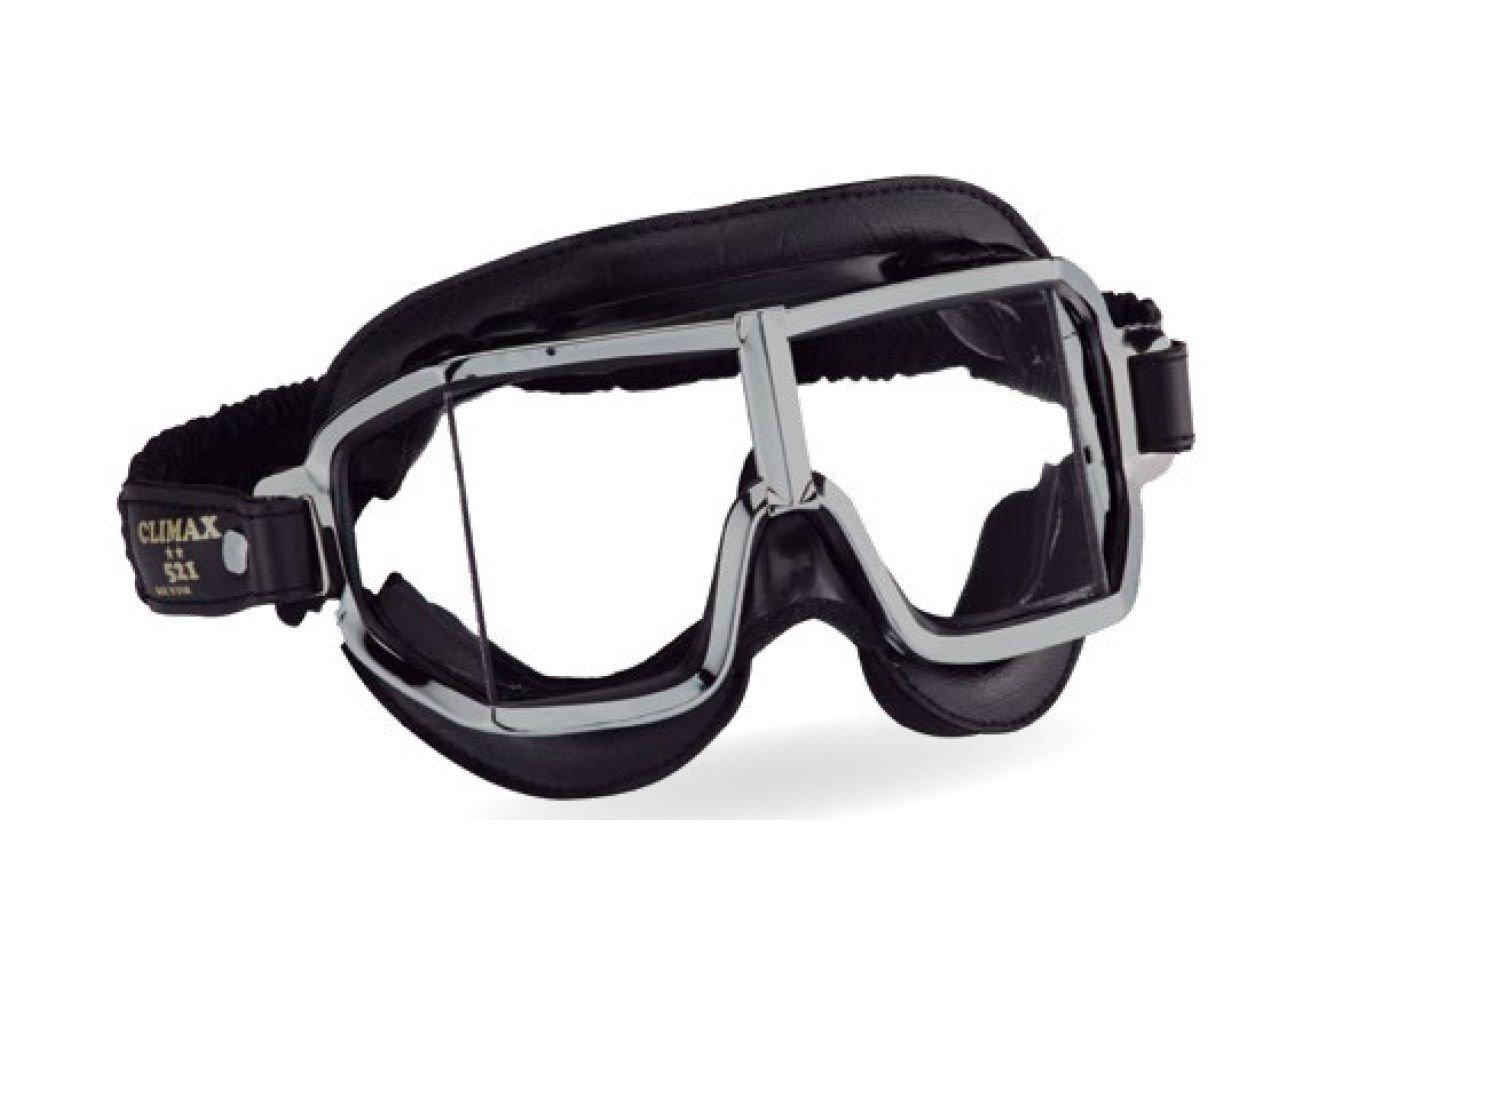 7fe31792394e78 Amazon.fr   Lunettes de moto Climax 521 pour porteurs de lunettes Lunettes  rétro de protection Sur-lunettes